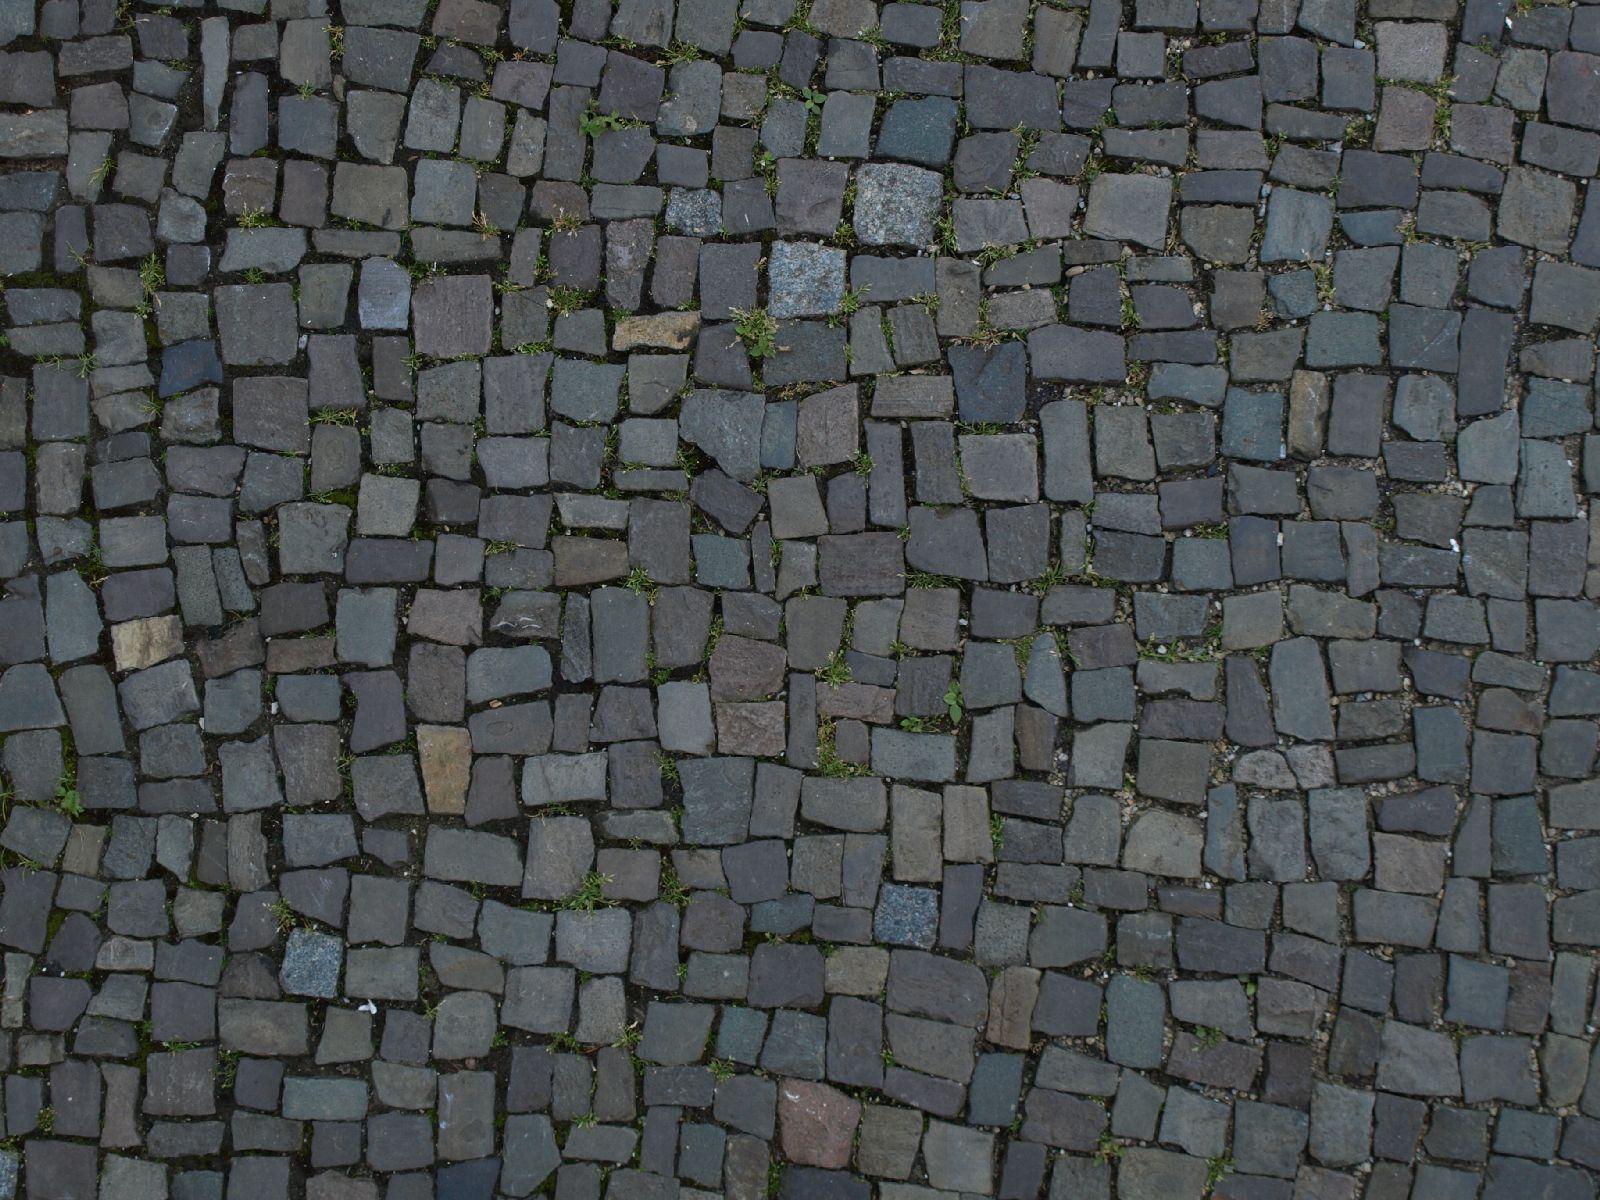 Boden-Gehweg-Strasse-Buergersteig-Textur_A_P8164431